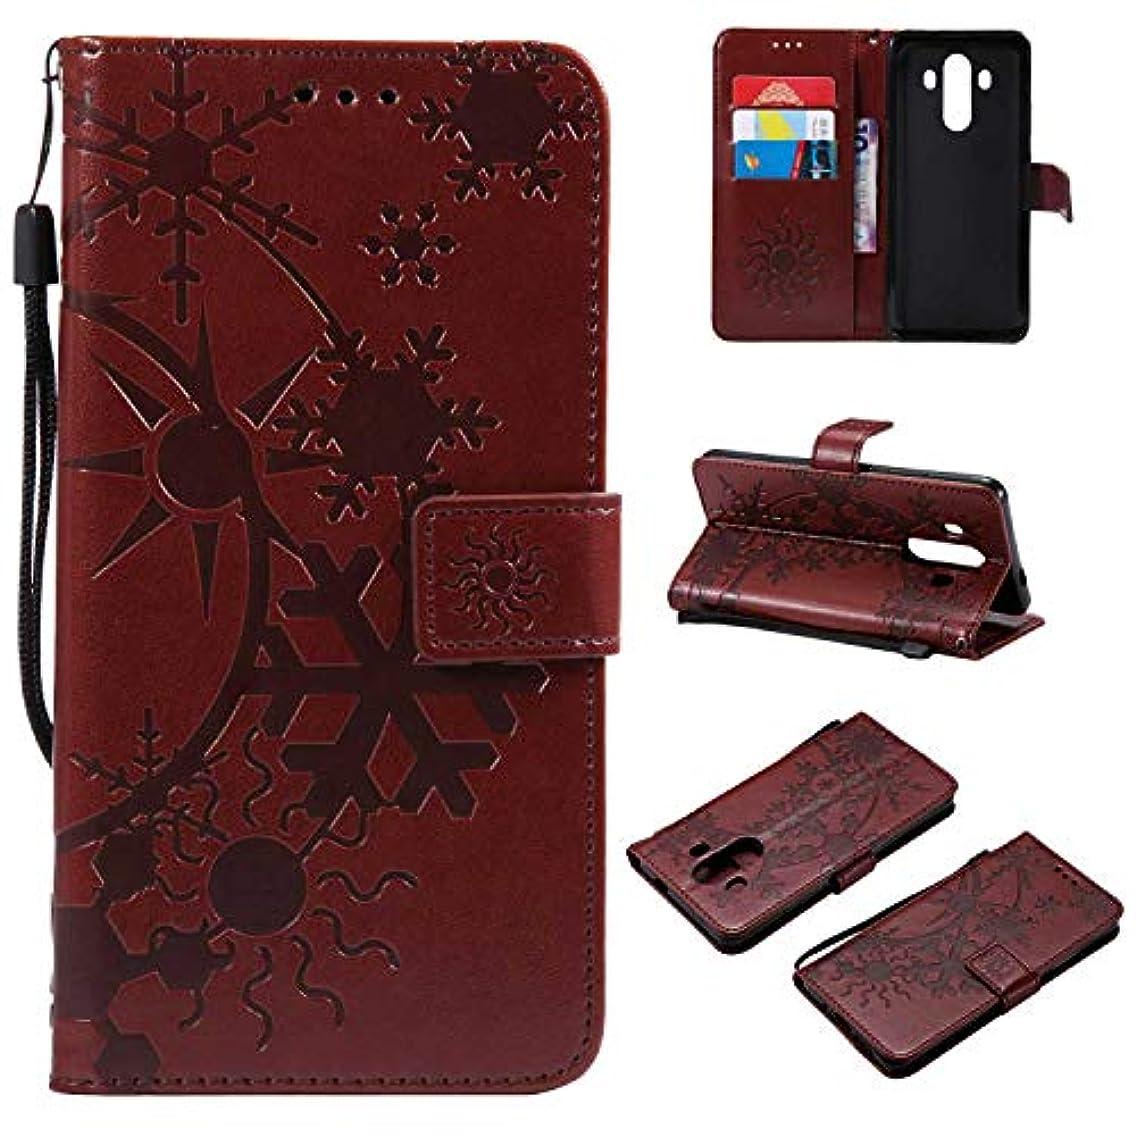 HUAWEI Mate 10 Plus ケース CUSKING 手帳型 ケース ストラップ付き かわいい 財布 カバー カードポケット付き ファーウェイ Mate 10 Plus マジックアレイ ケース - ブラウン